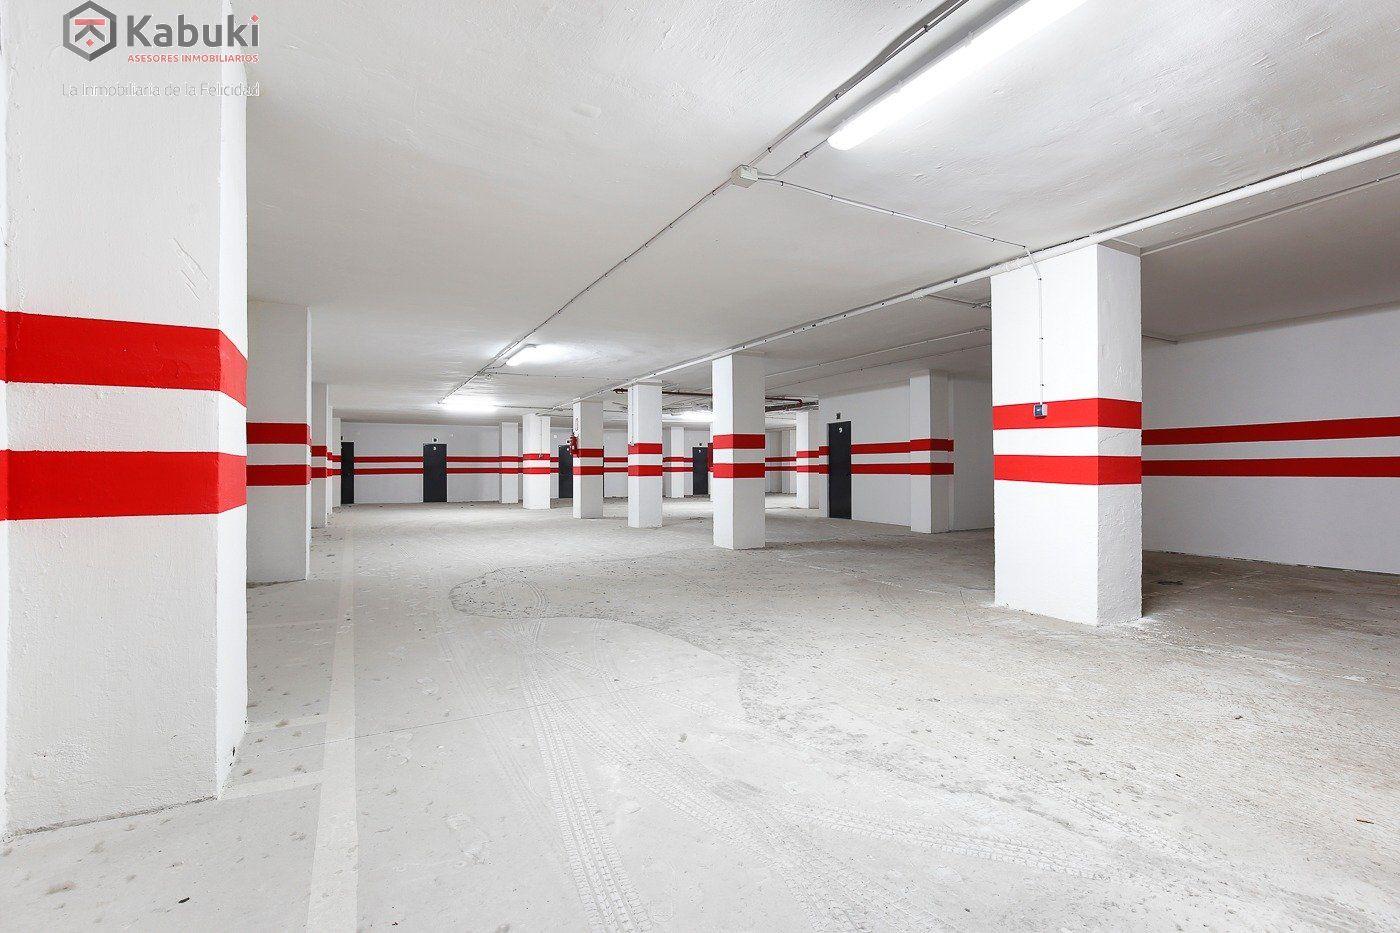 Si estas cansado de dar vueltas con el coche, tenemos fantástica plaza de garaje con trast - imagenInmueble3